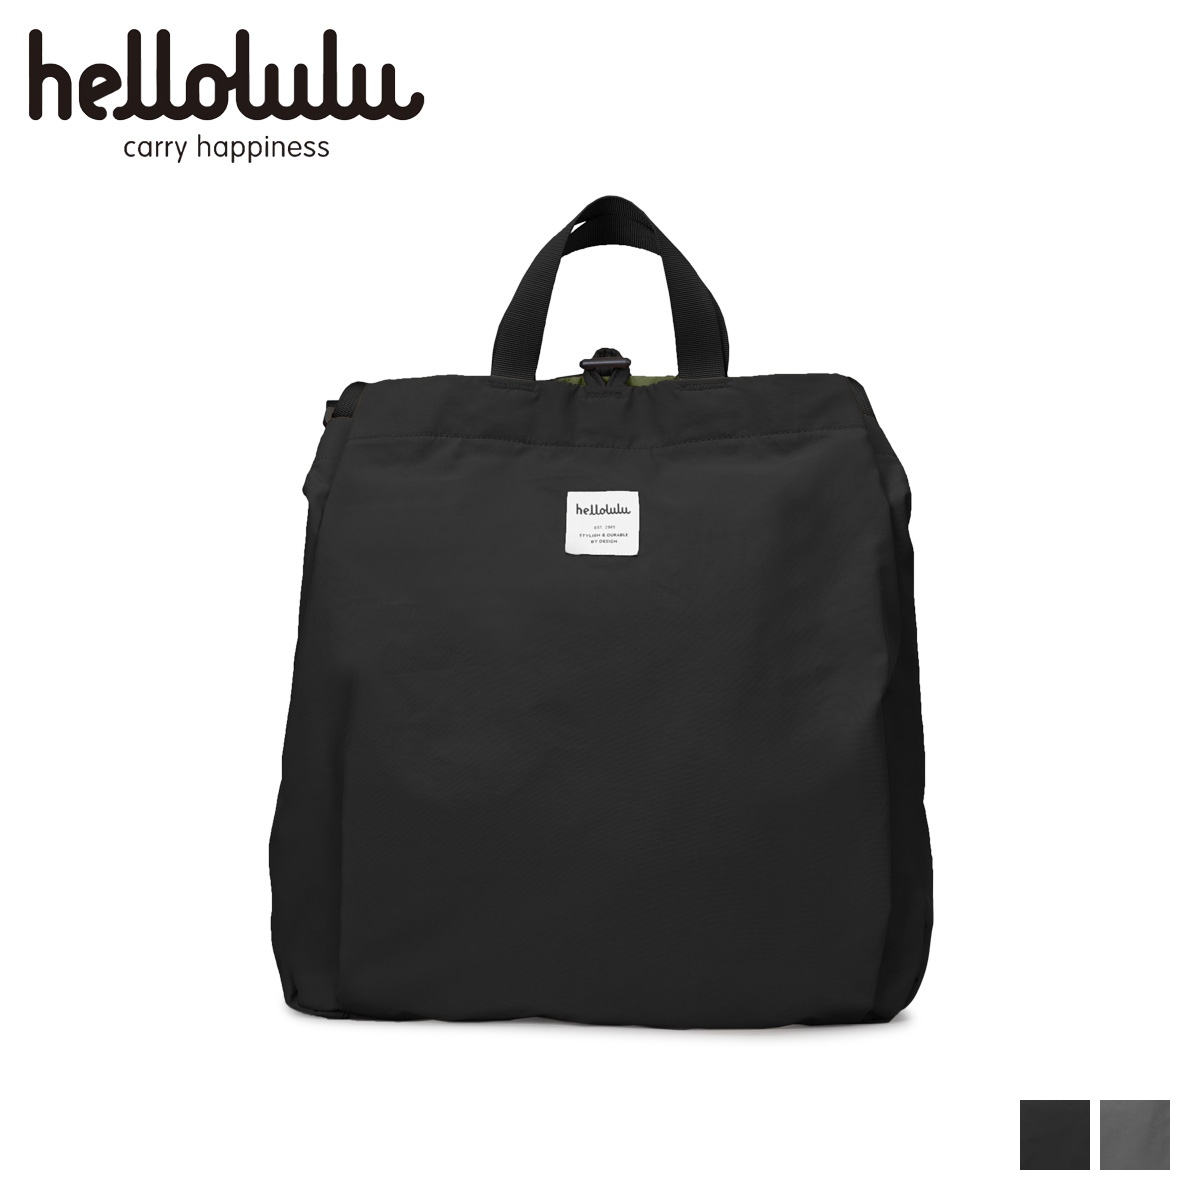 hellolulu ハロルル ショルダーバッグ バッグ メンズ レディース HAVEN ブラック グレー 黒 5075108